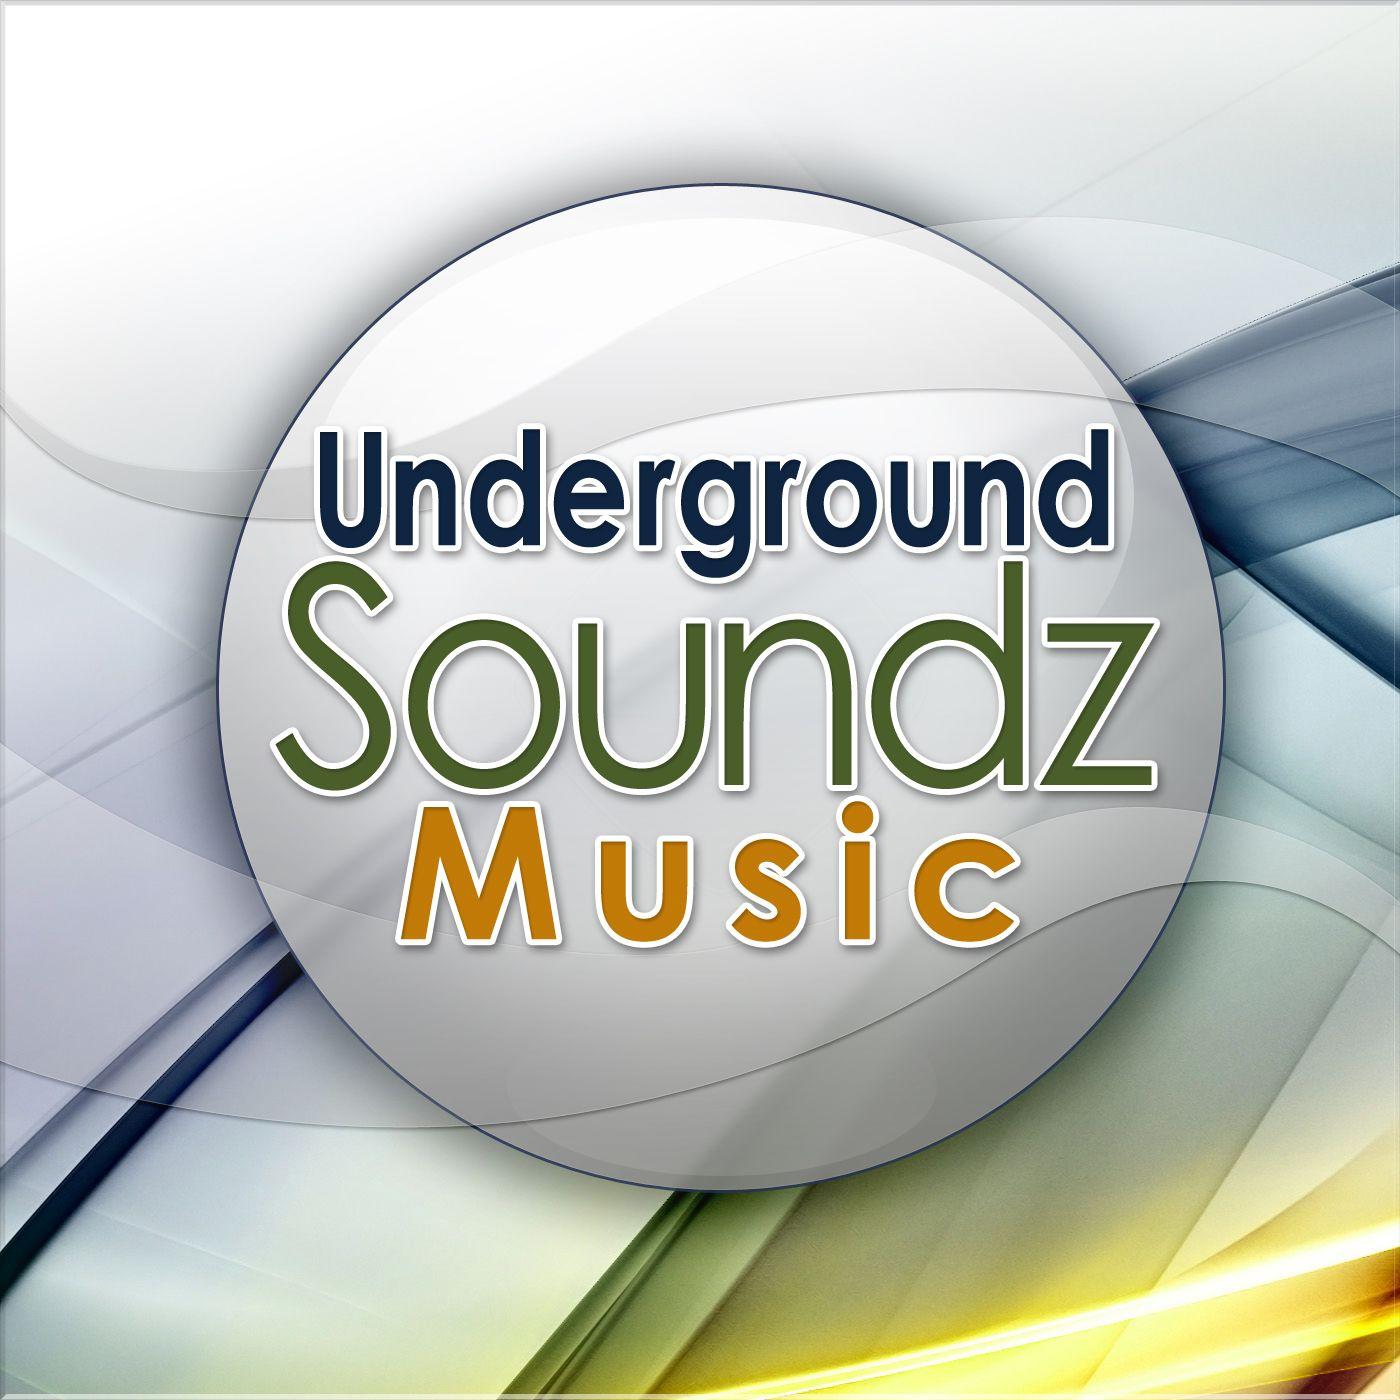 Underground Soundz Music